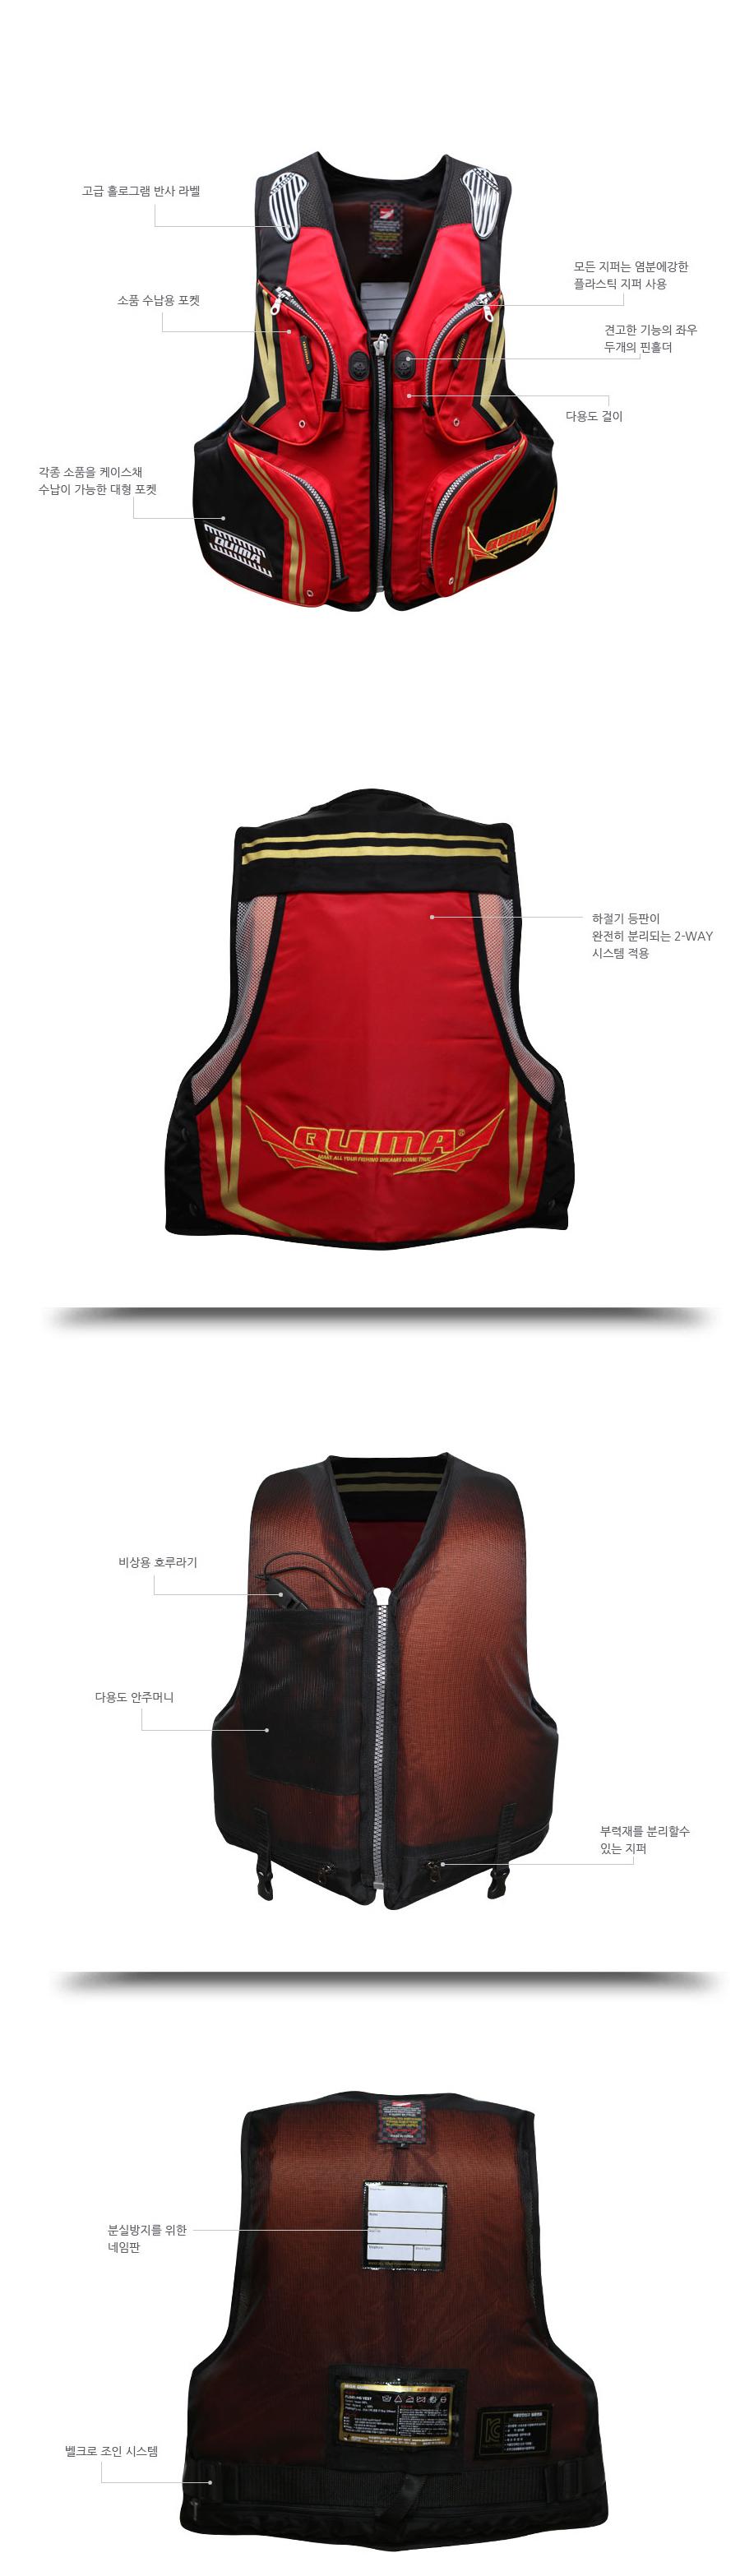 퀴마 뉴프리미엄 플로팅 베스트(JW-2203)